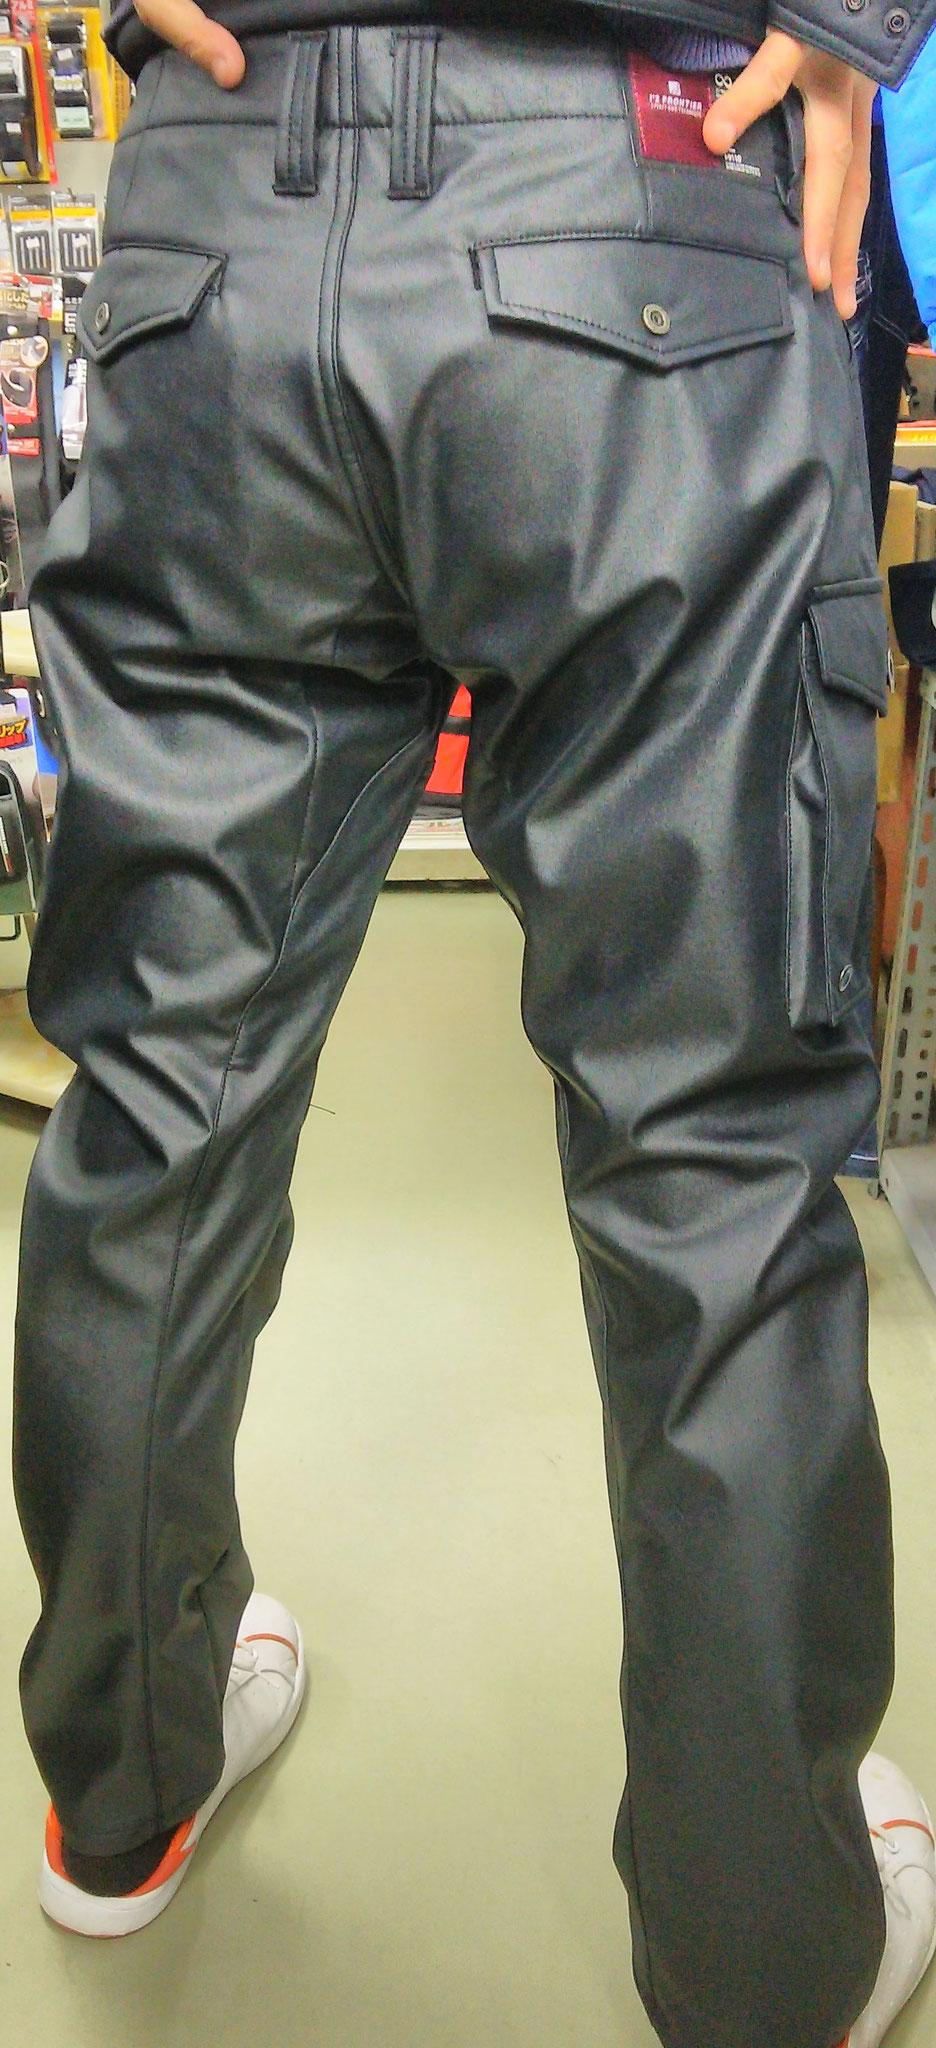 I'Z FRONTIER 9112 SERIES  発熱防風カーゴパンツ~履いてみました~タイツの上から履いていますが、タイツがいらないくらい暖かいです。